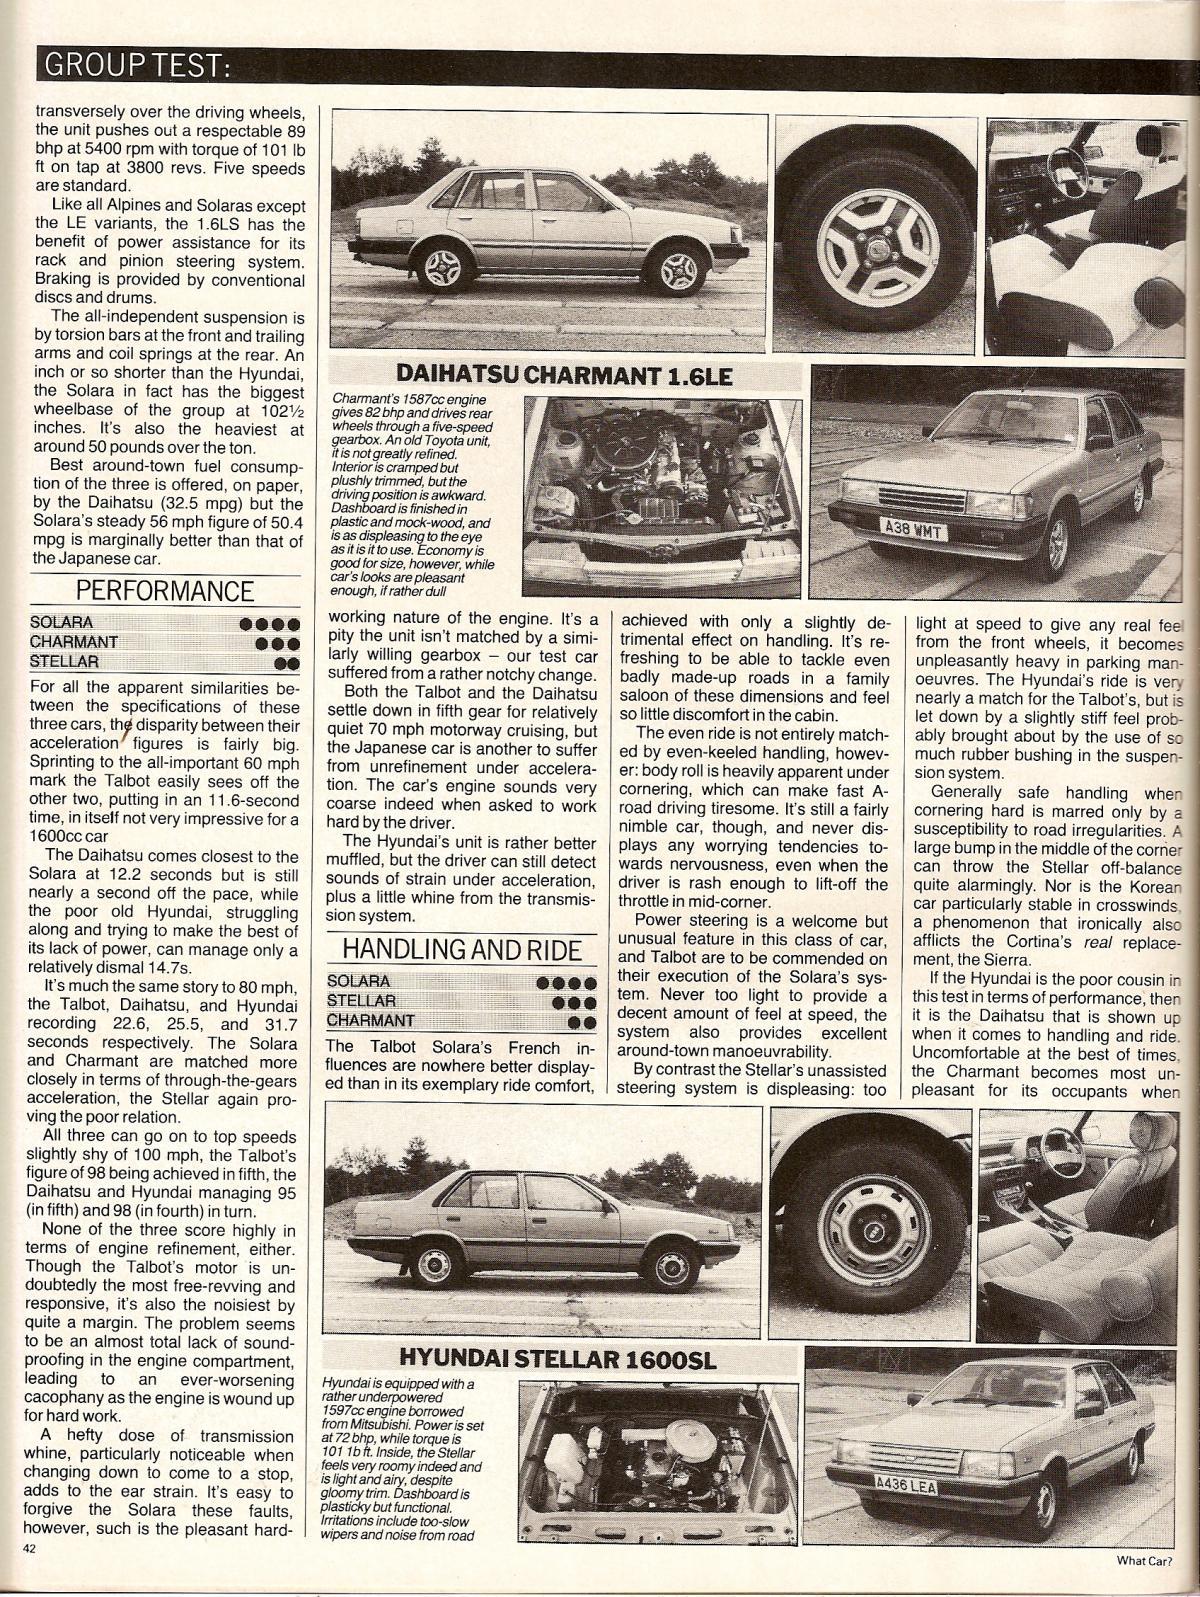 Hyundai Stellar Vs Daihatsu Charmant & Talbot Solara Test 1984 (2).jpg